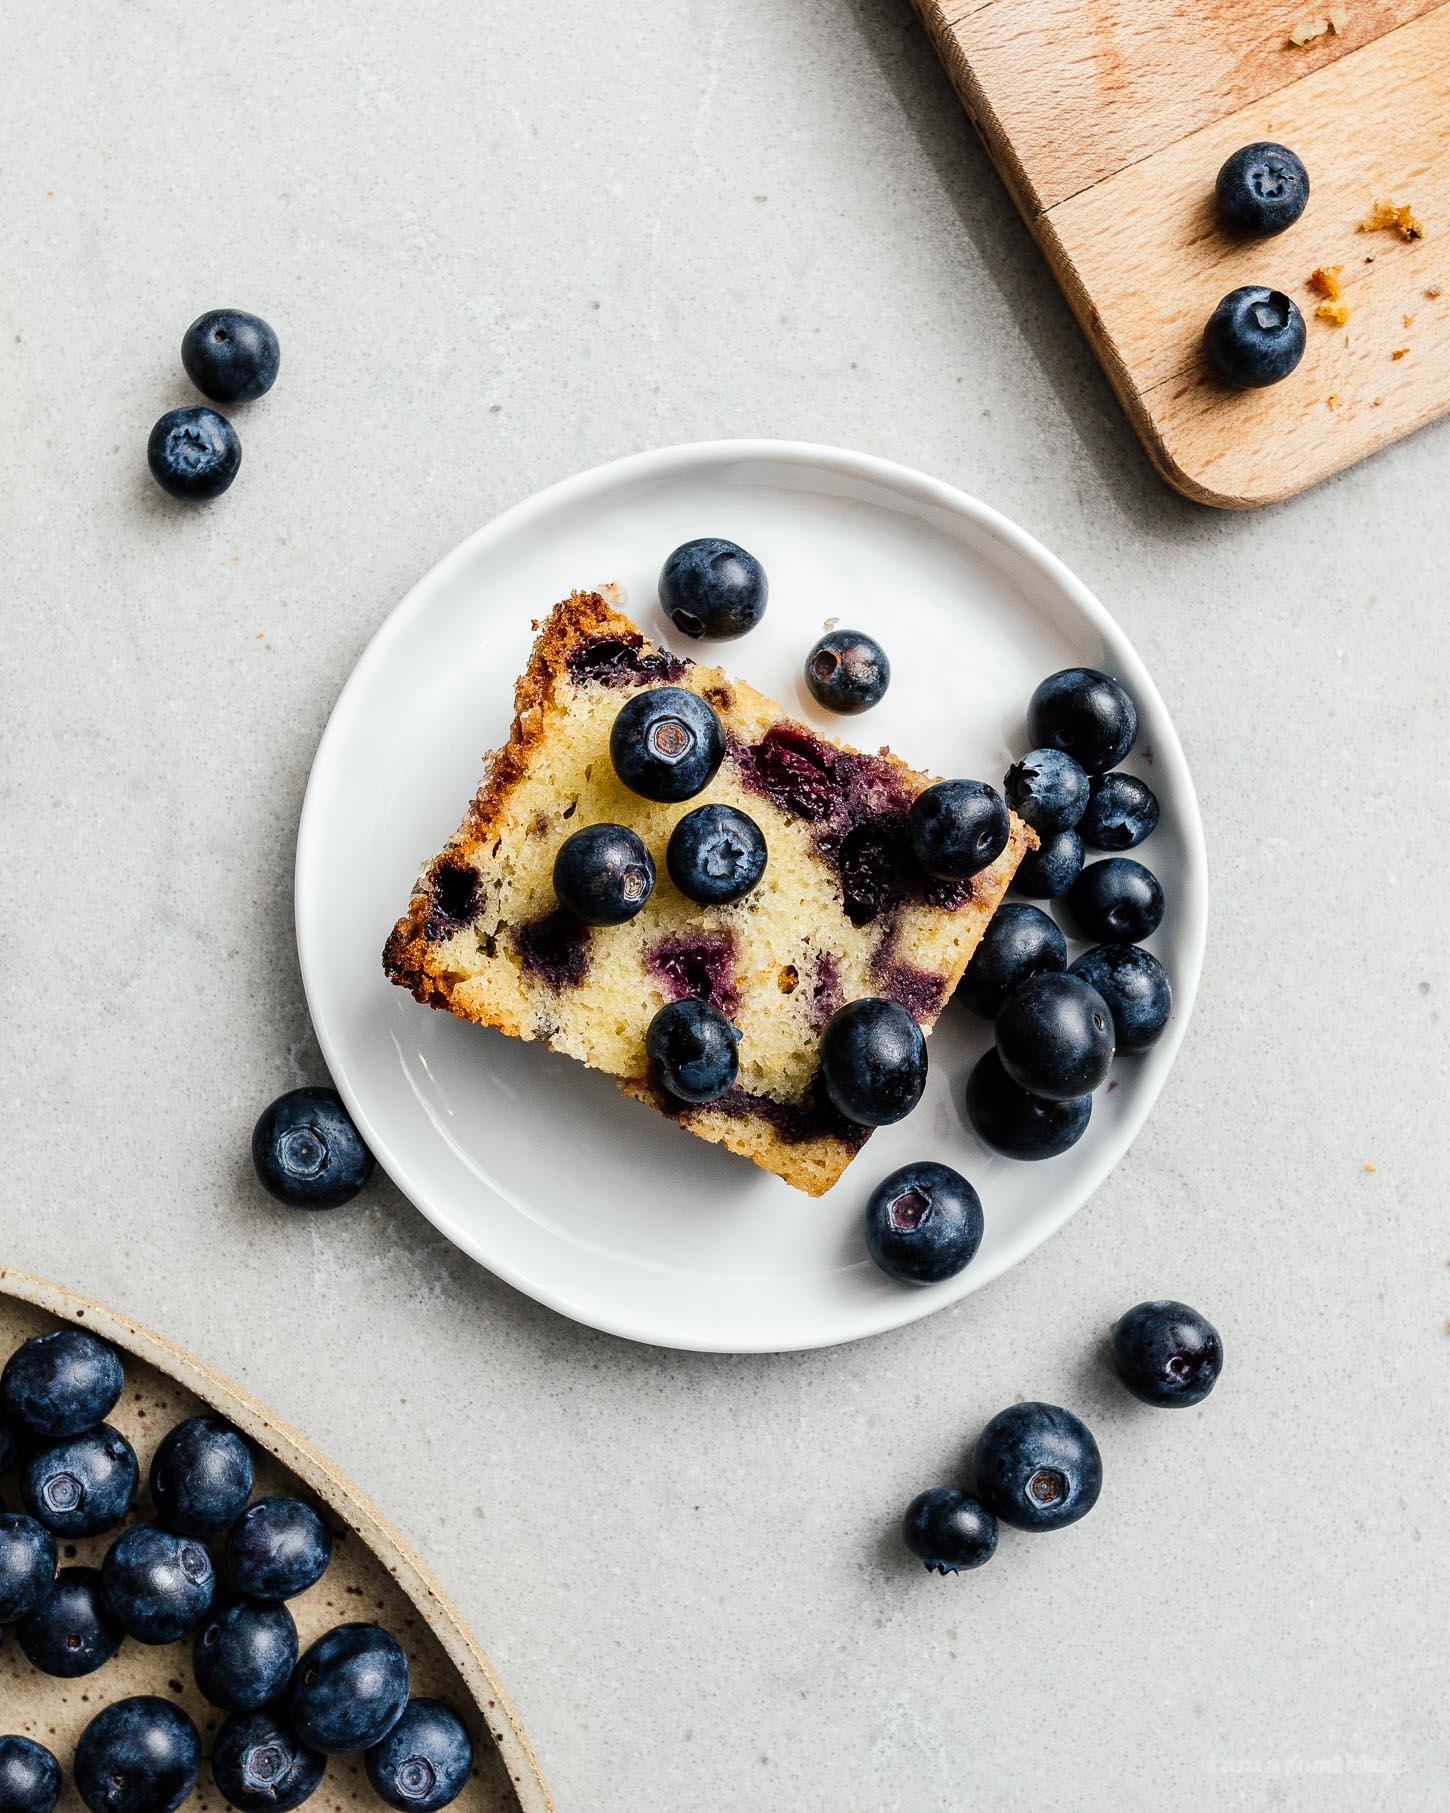 blueberry breakfast